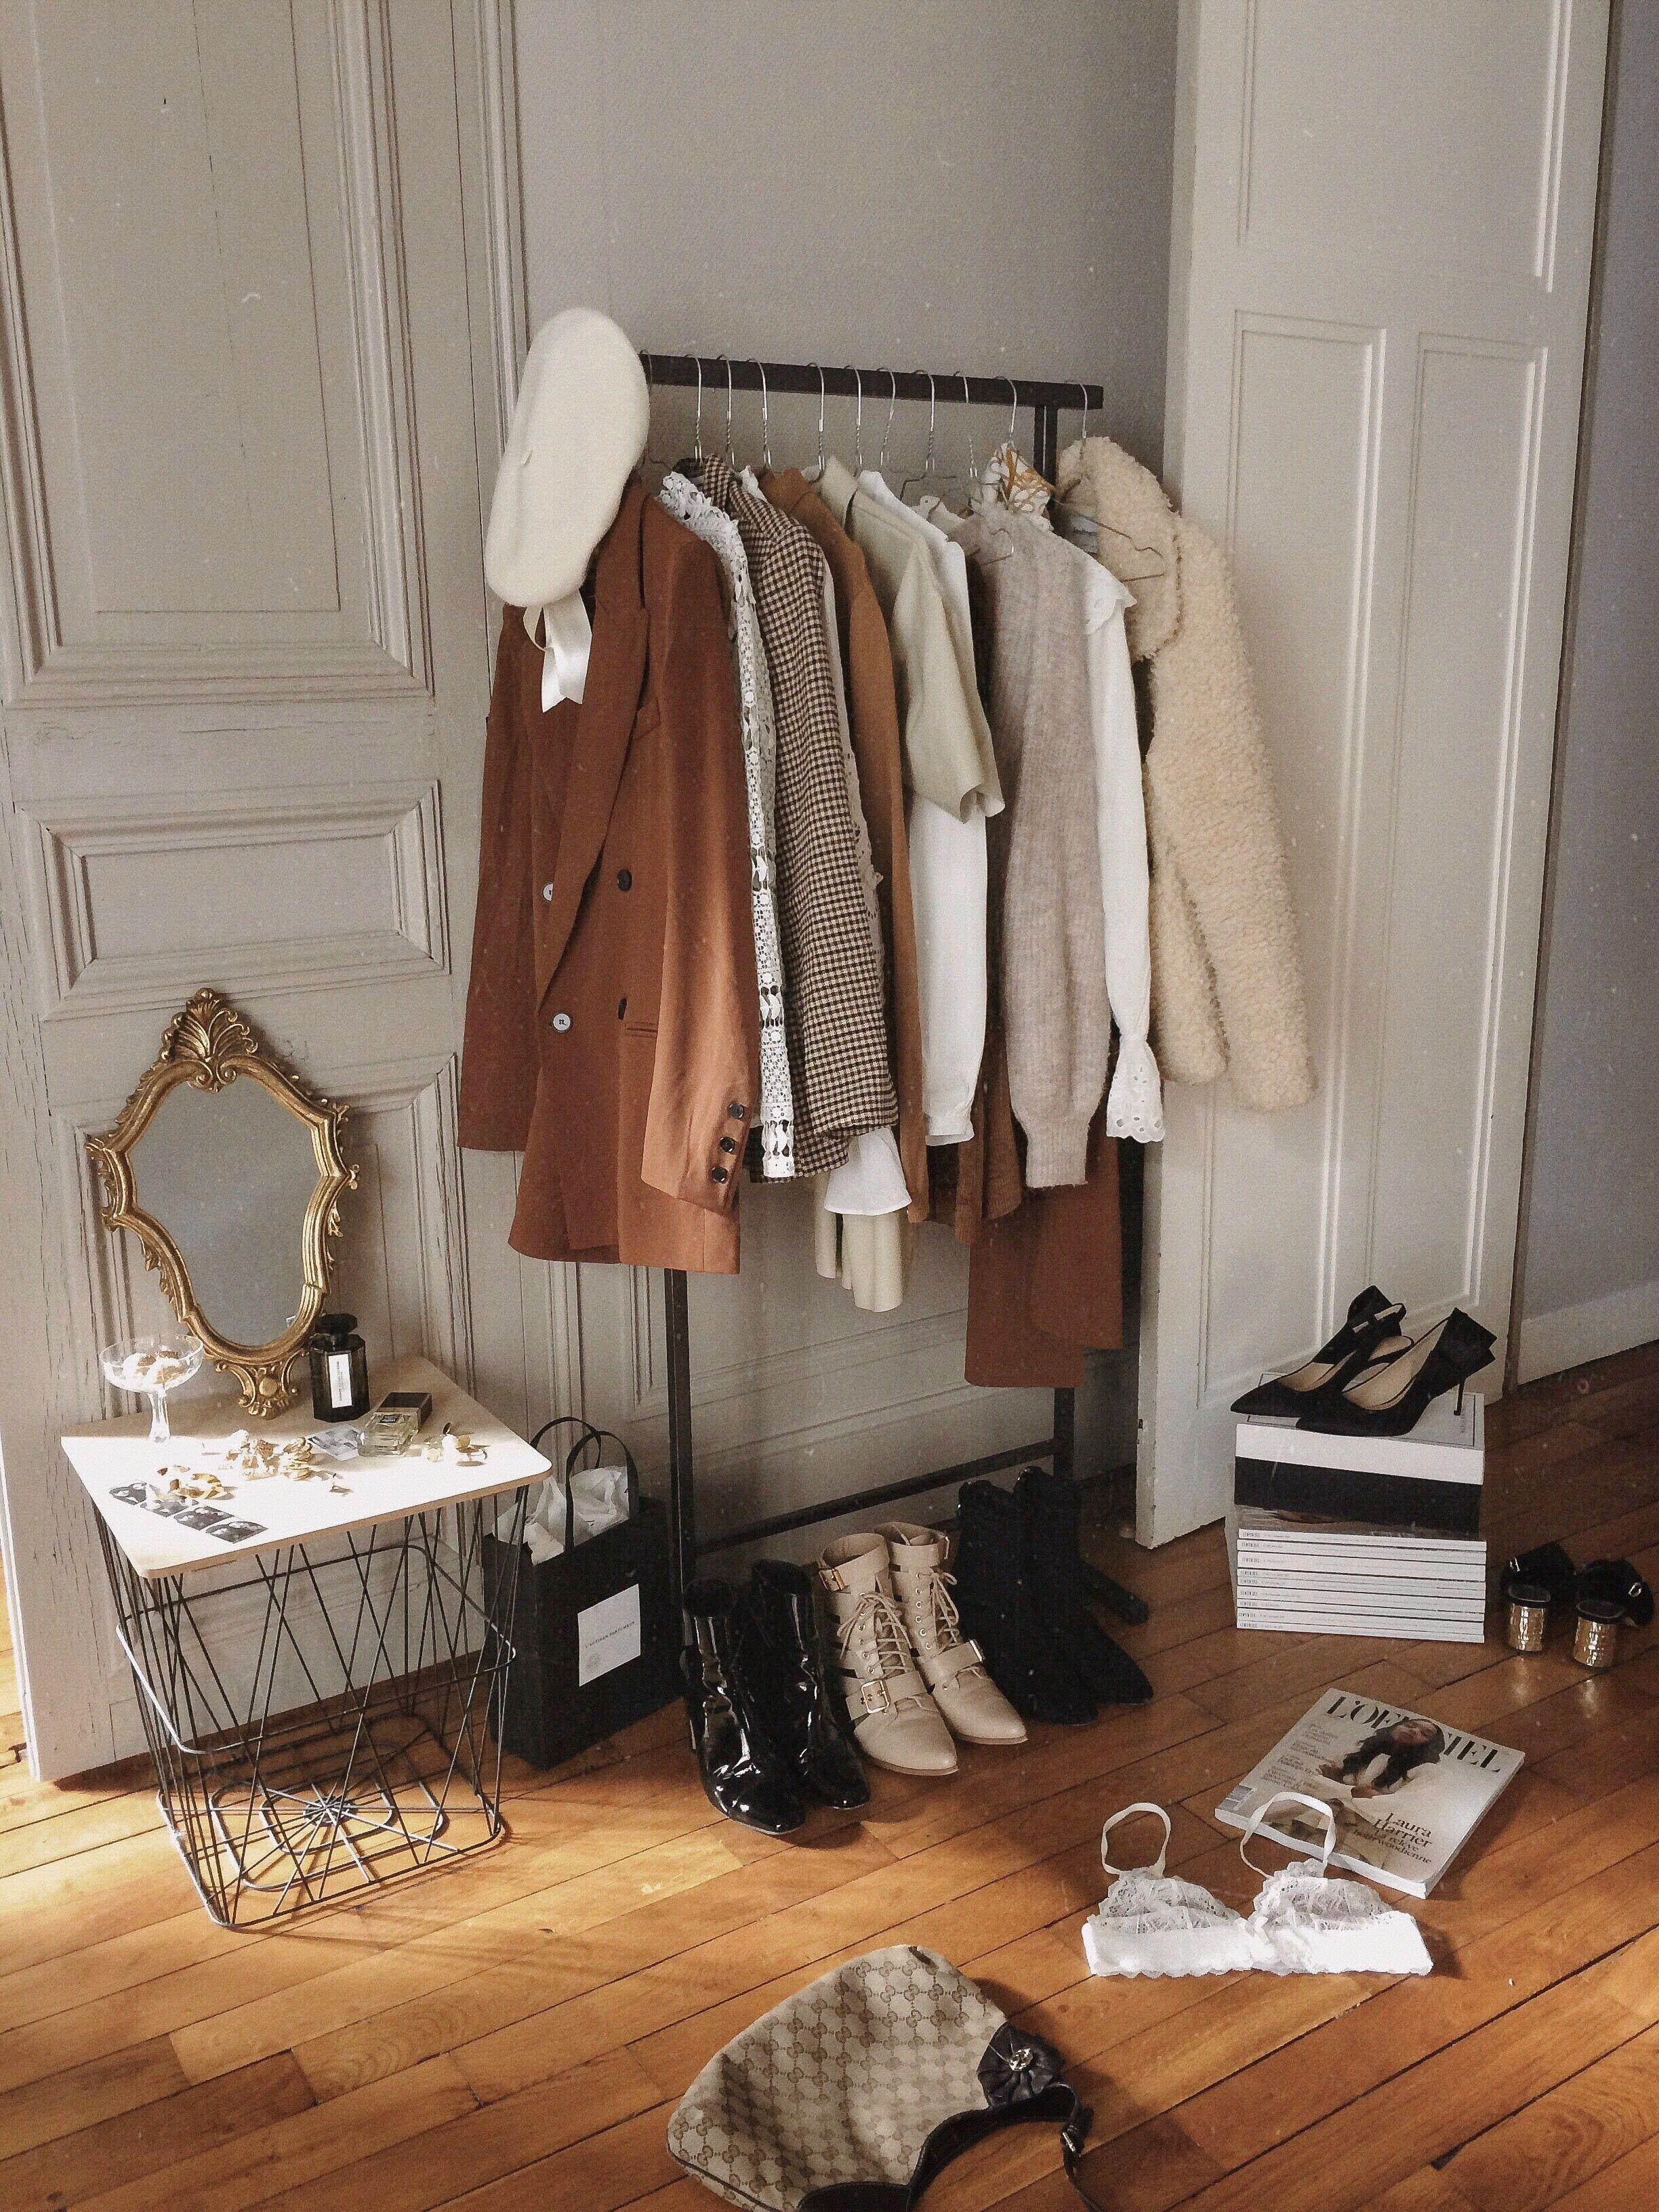 bí quyết mua sắm những đồ cần thiết